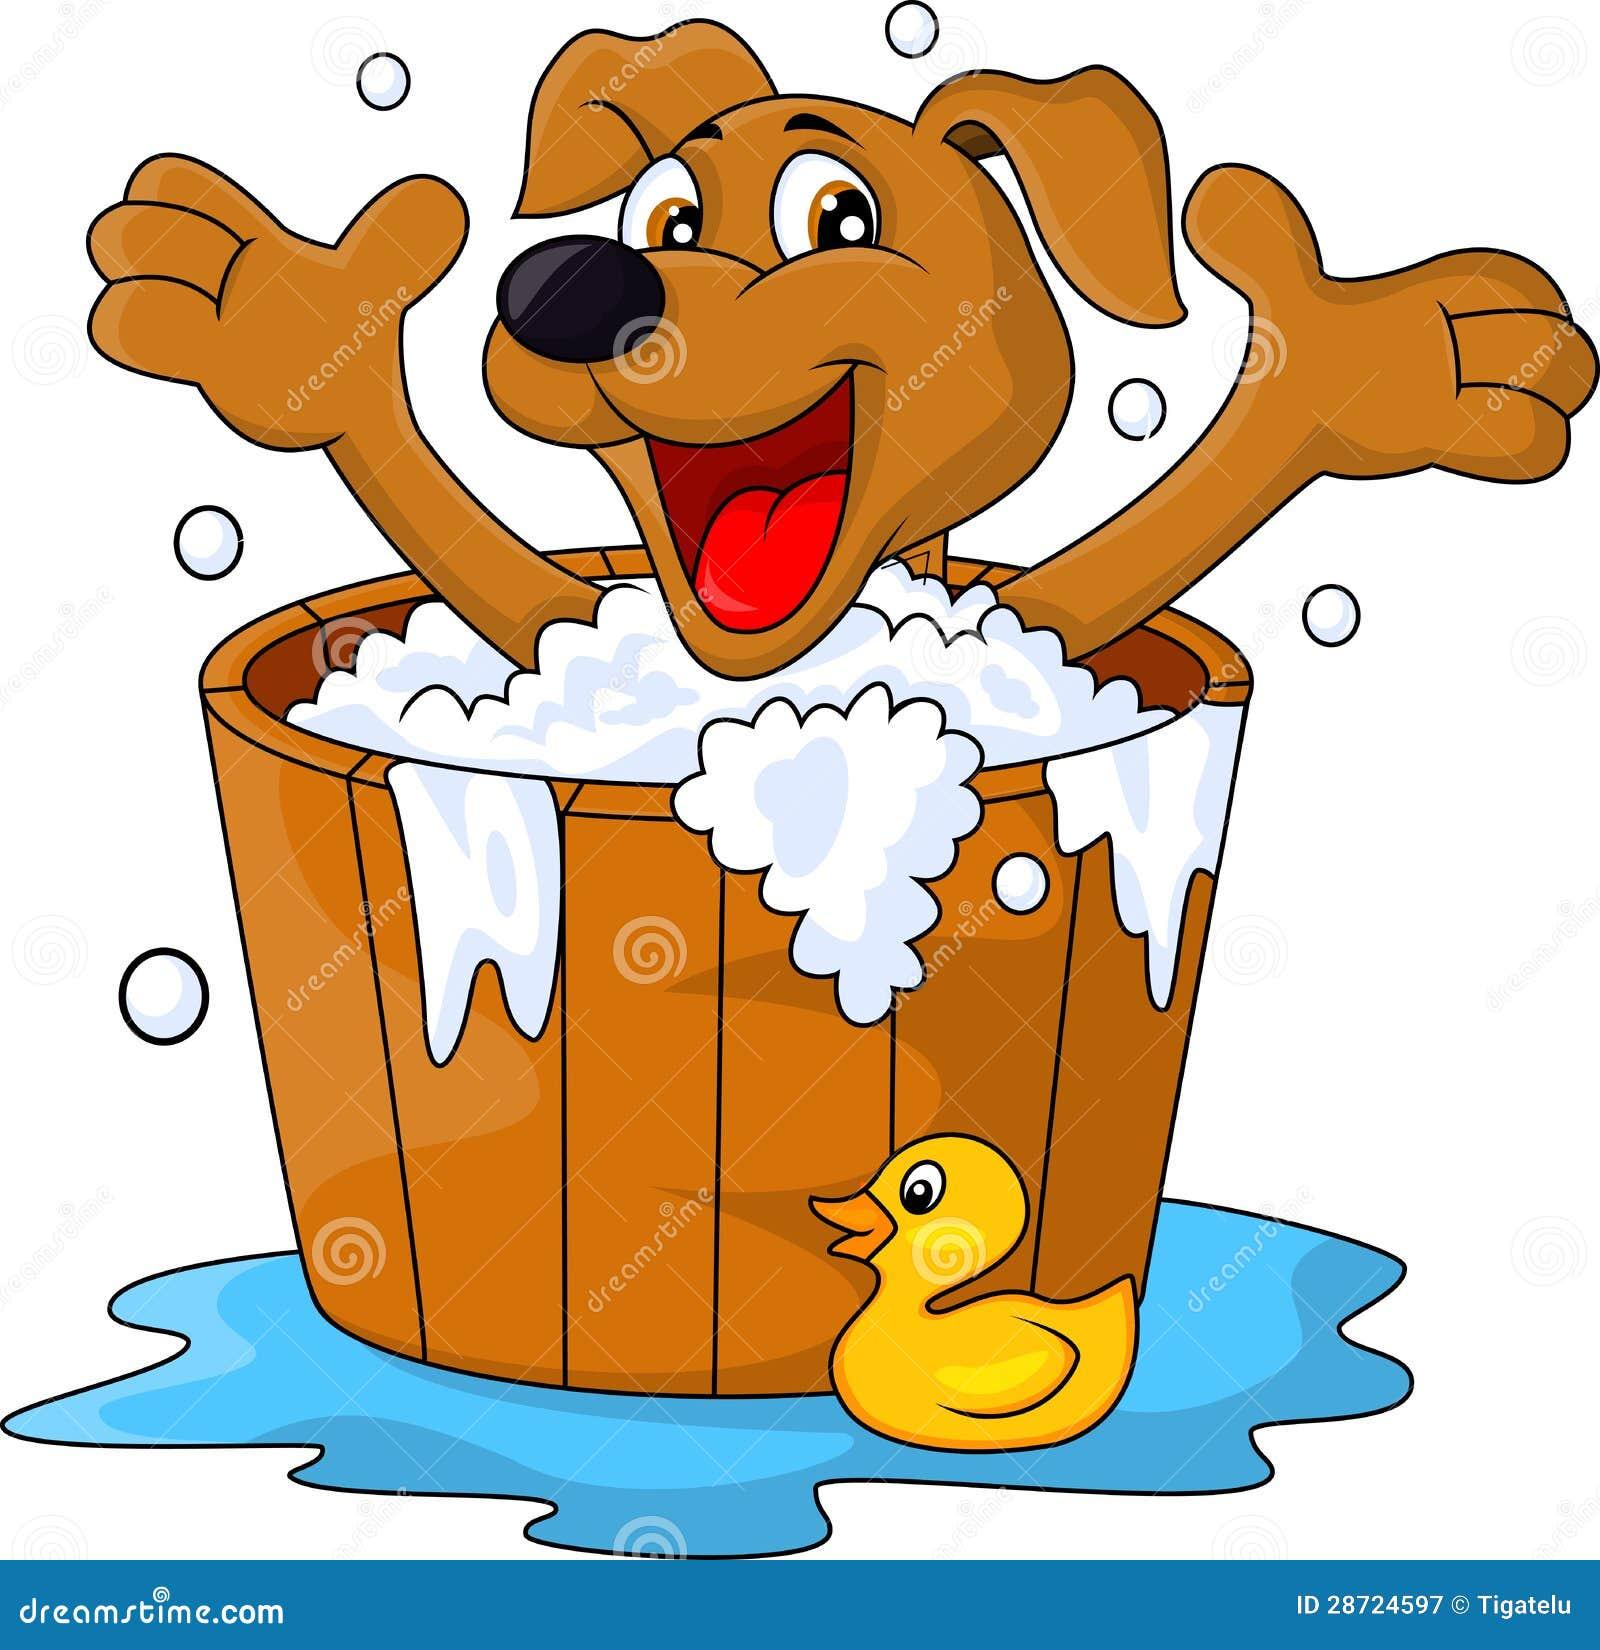 Dog bathing time royalty free stock photography image for Bathing images